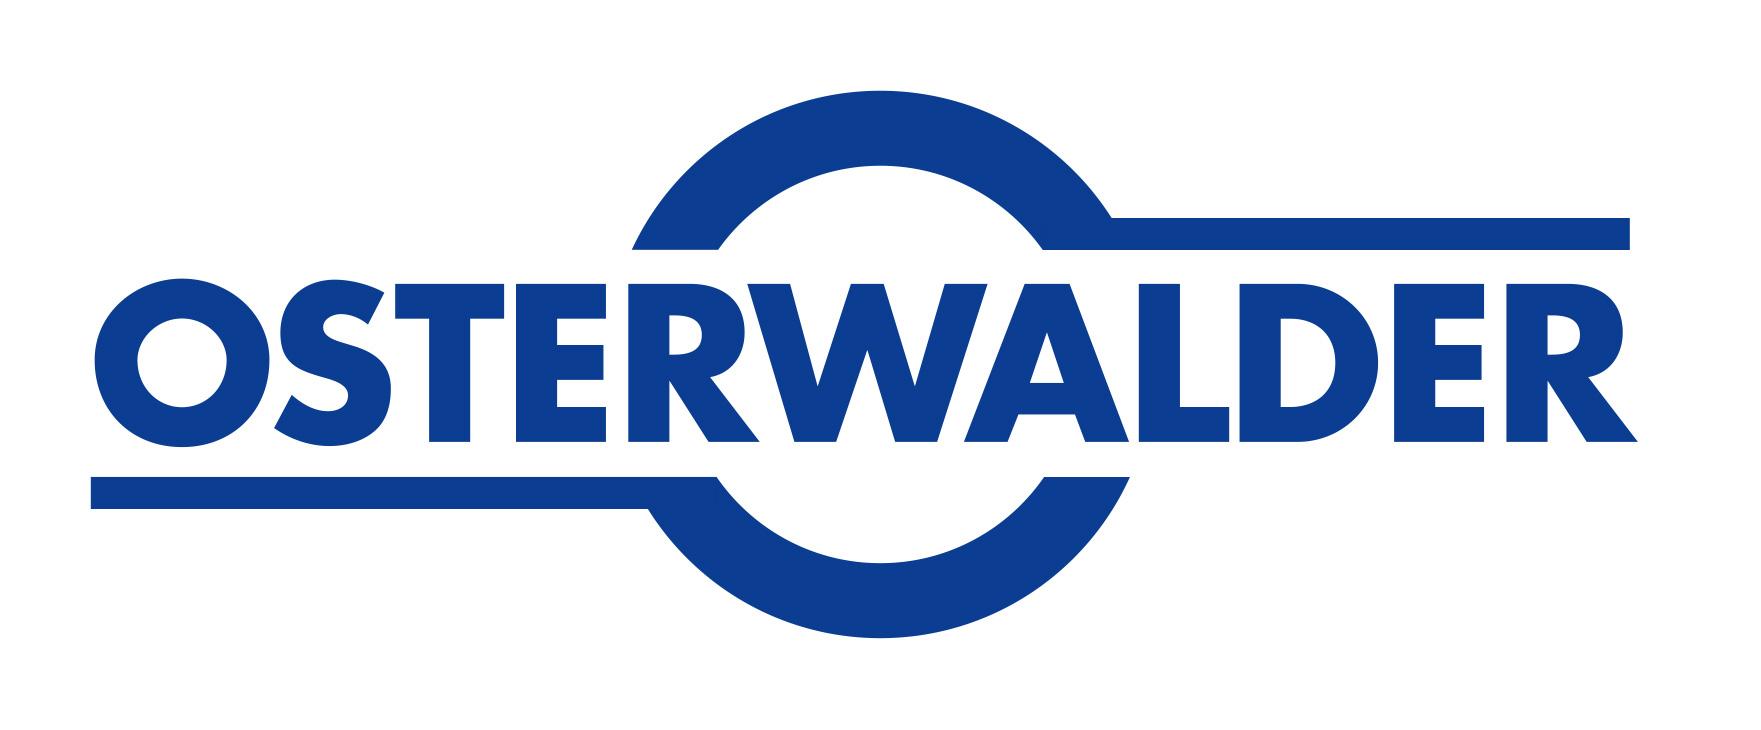 Osterwalder logo